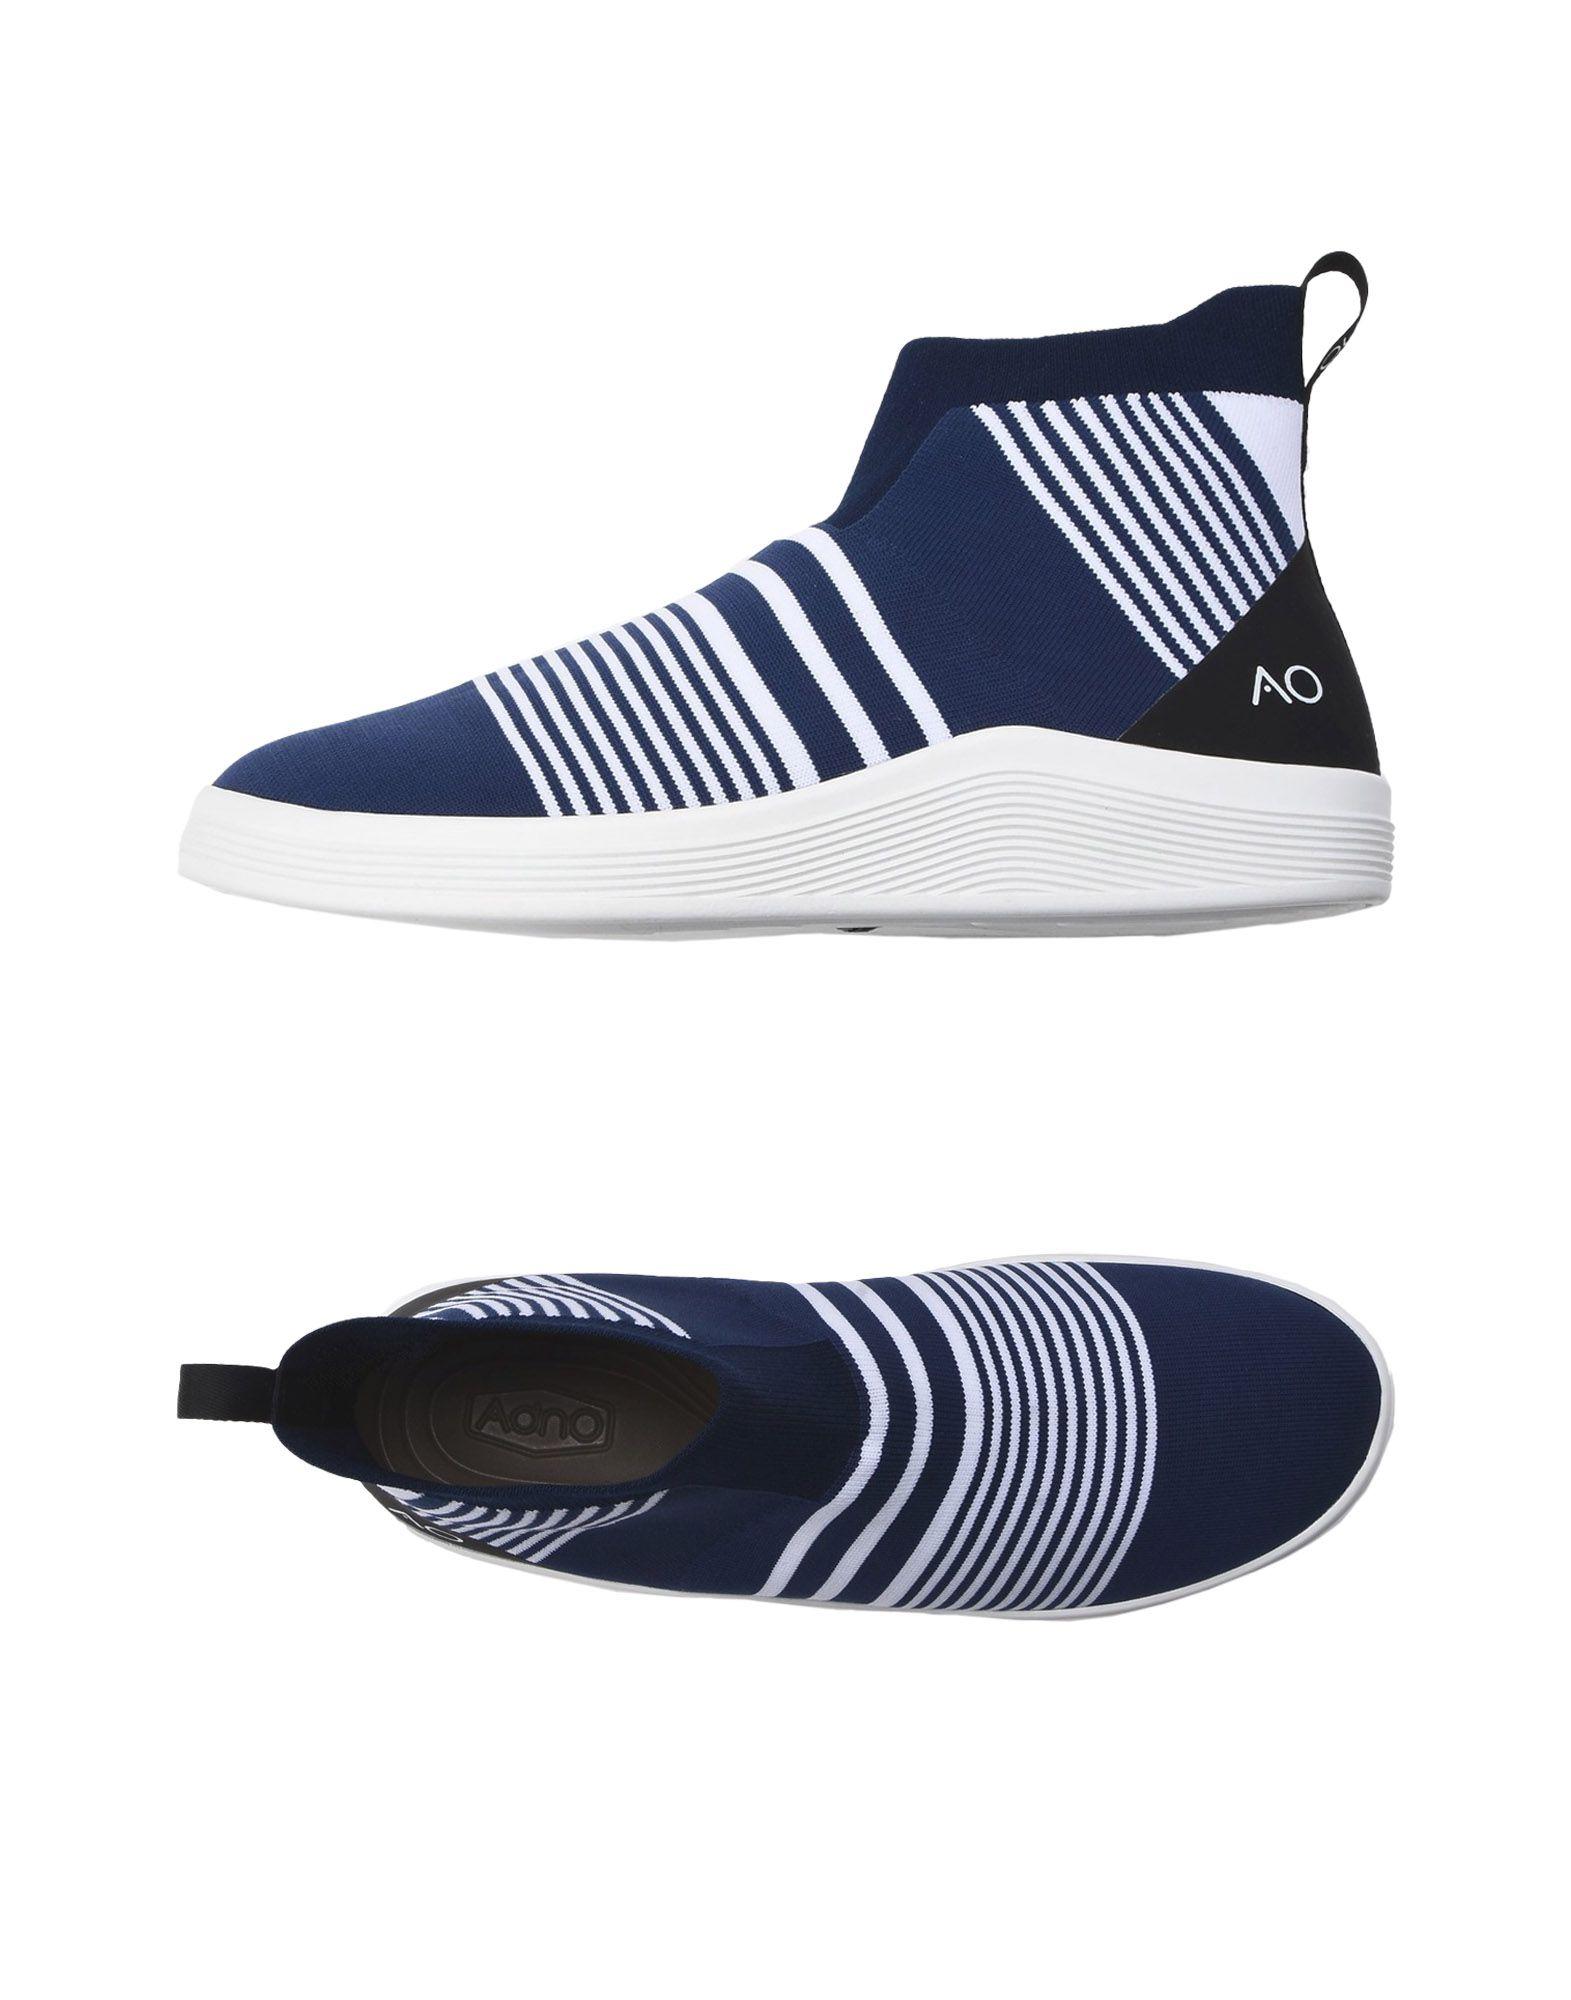 ADNO &Reg; Sneakers in Blue